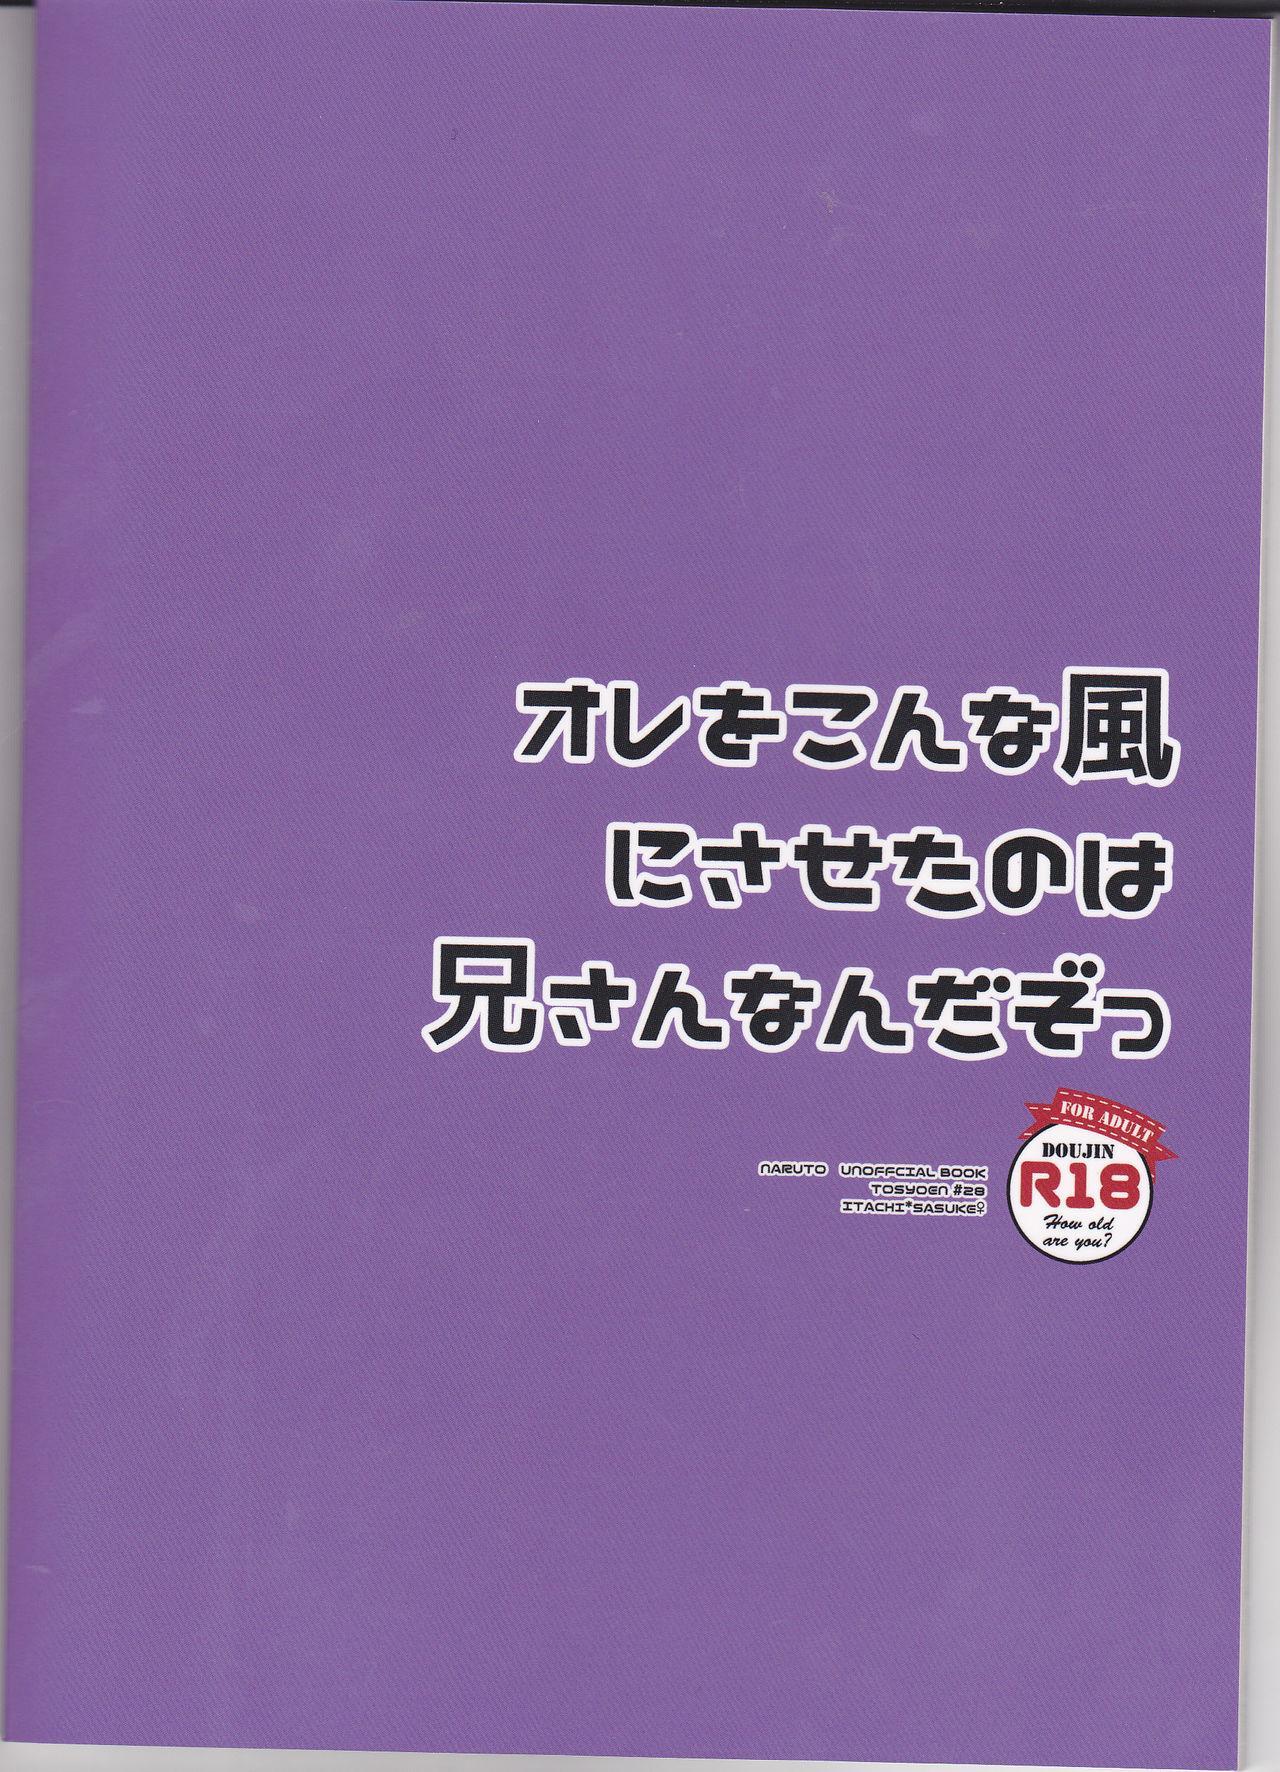 Ore o Konnafuuni Saseta no wa Nii-san Nanda zo 22